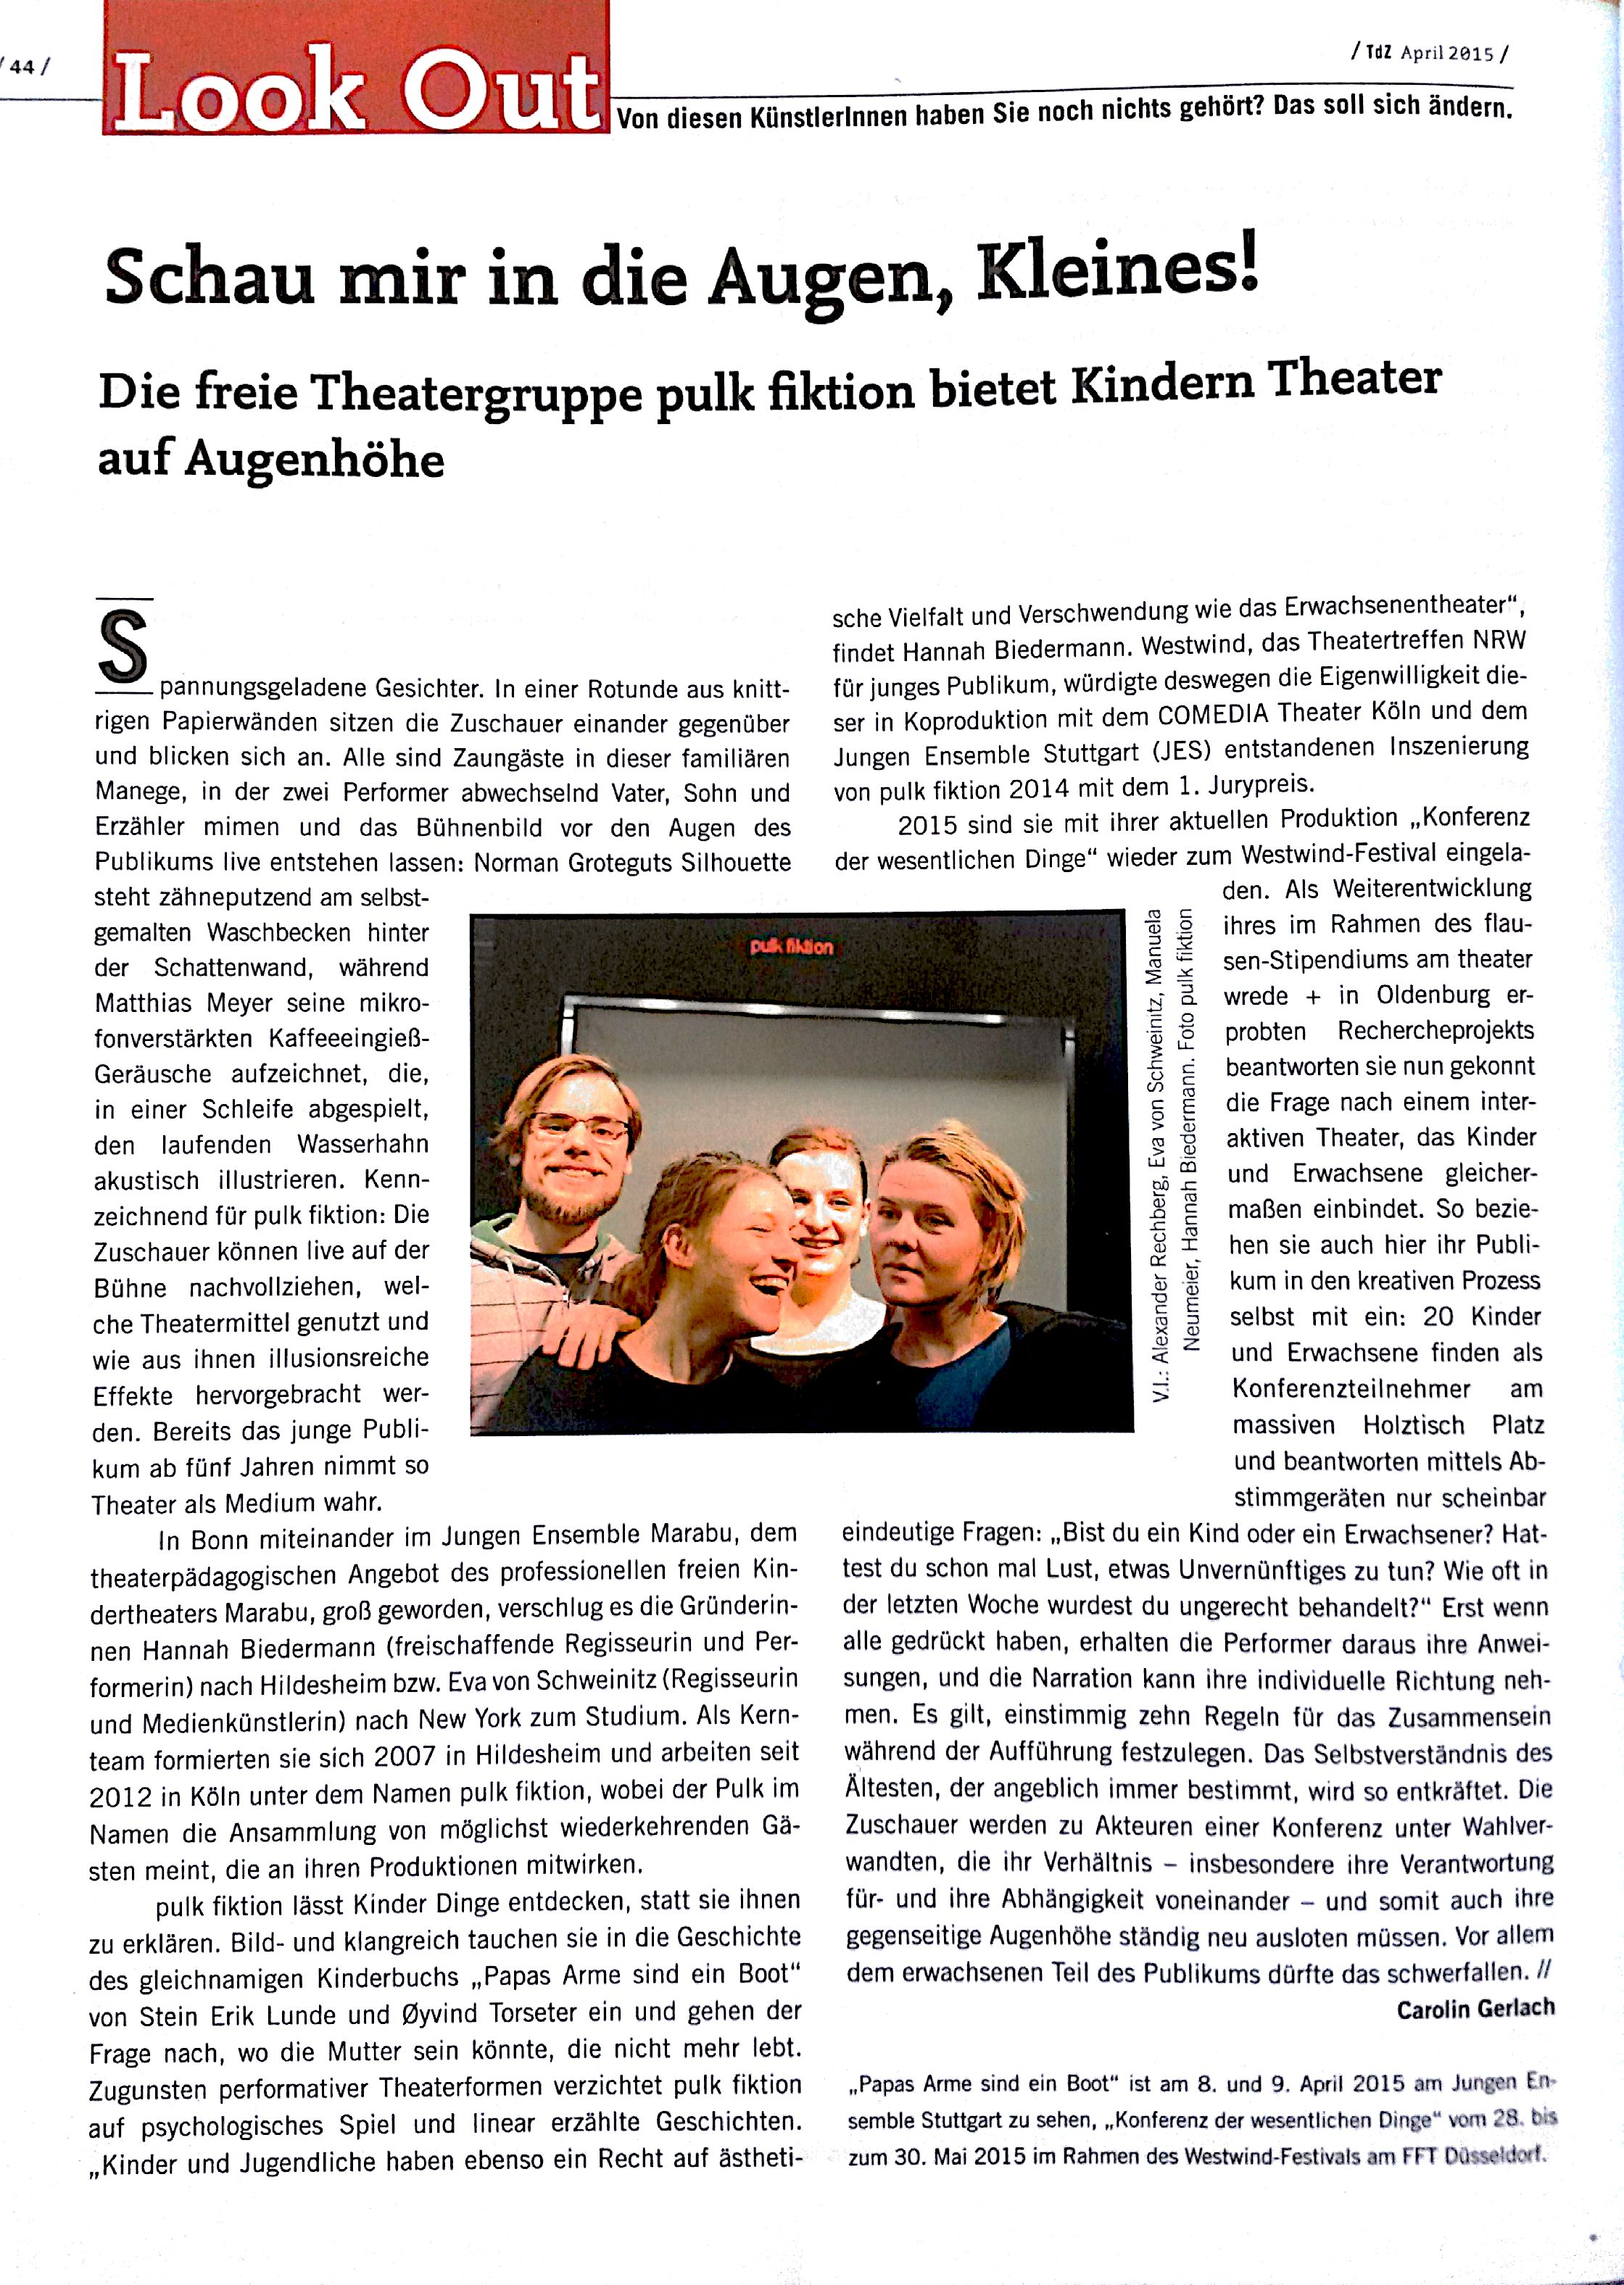 TheaterdZeit-pulk